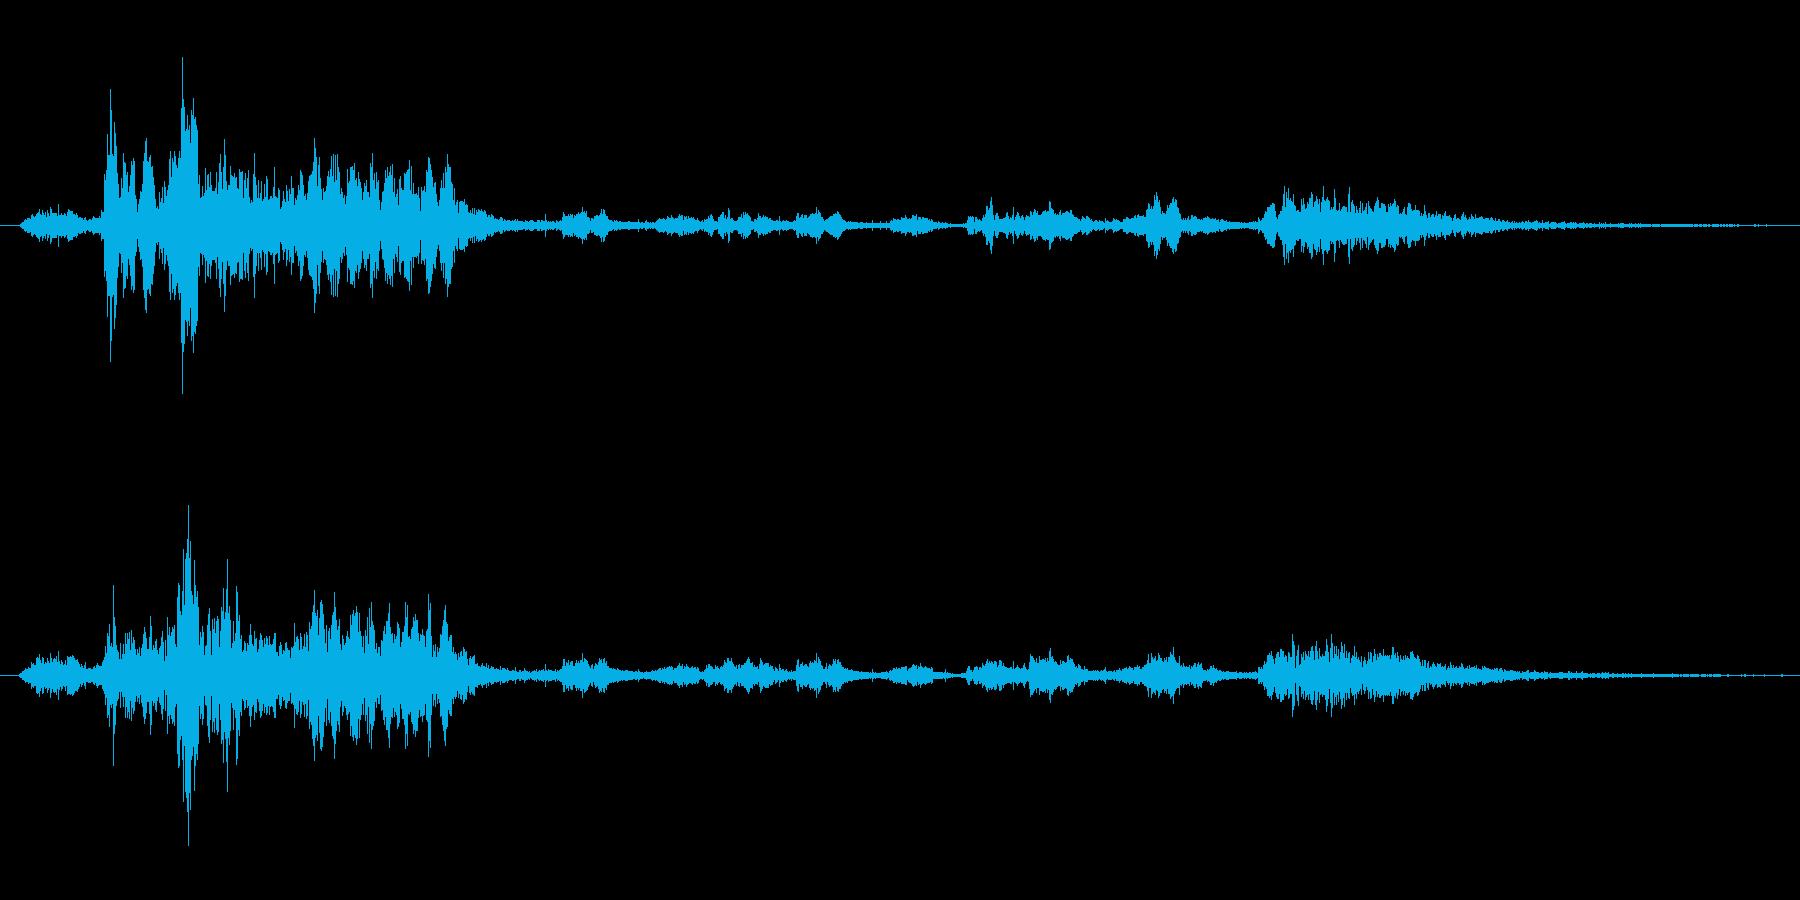 キキキ、ガオー、ウキキなどの再生済みの波形